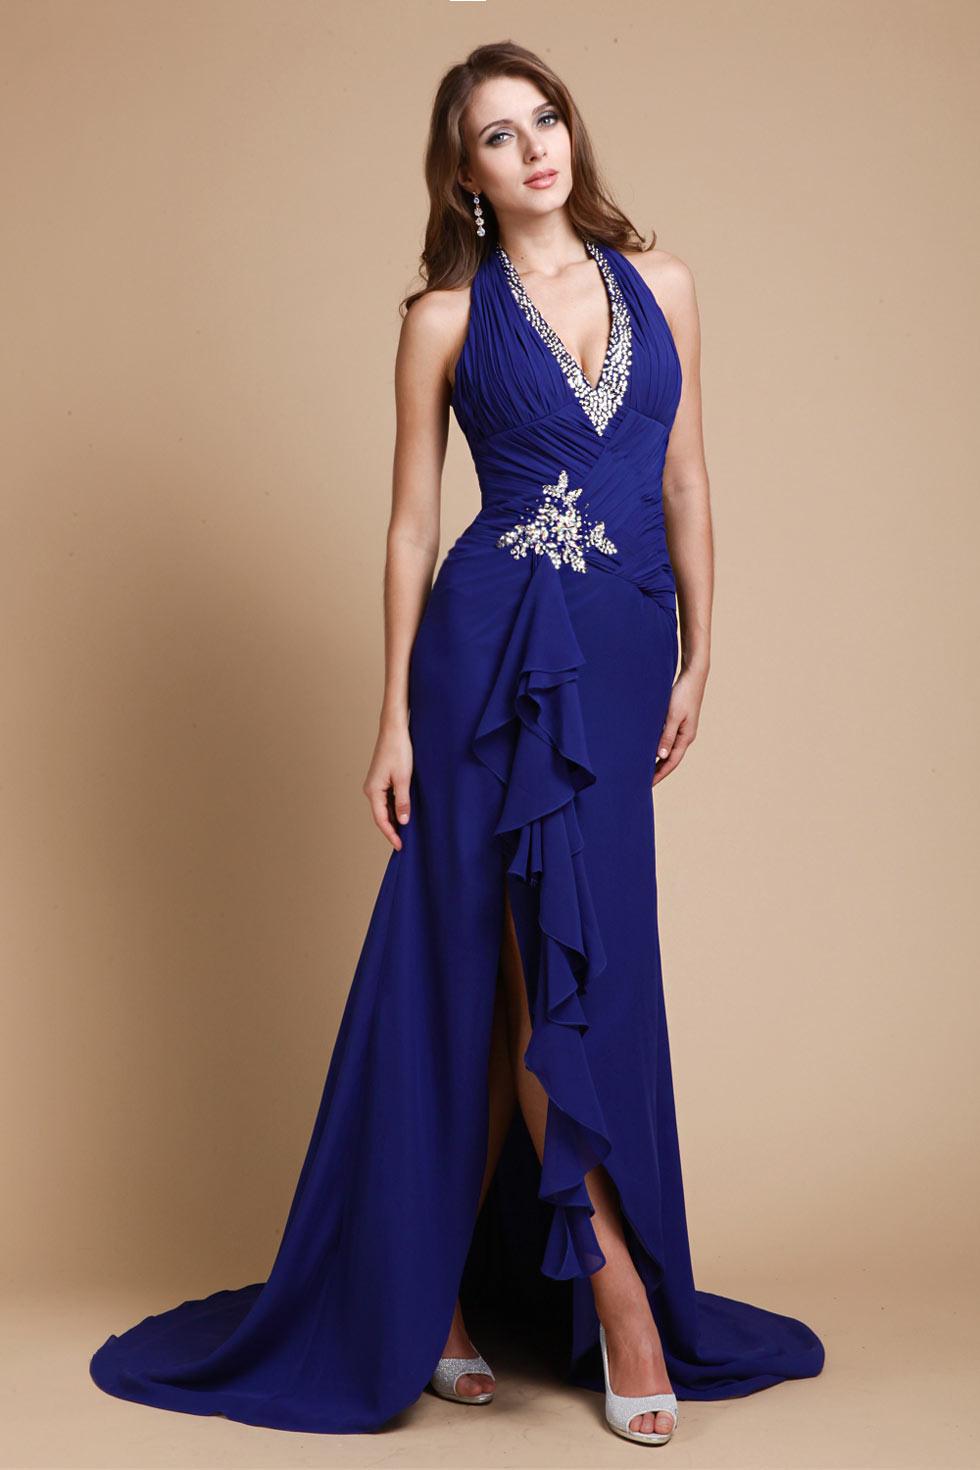 Schön Royalblaues Abendkleid Design20 Schön Royalblaues Abendkleid Bester Preis